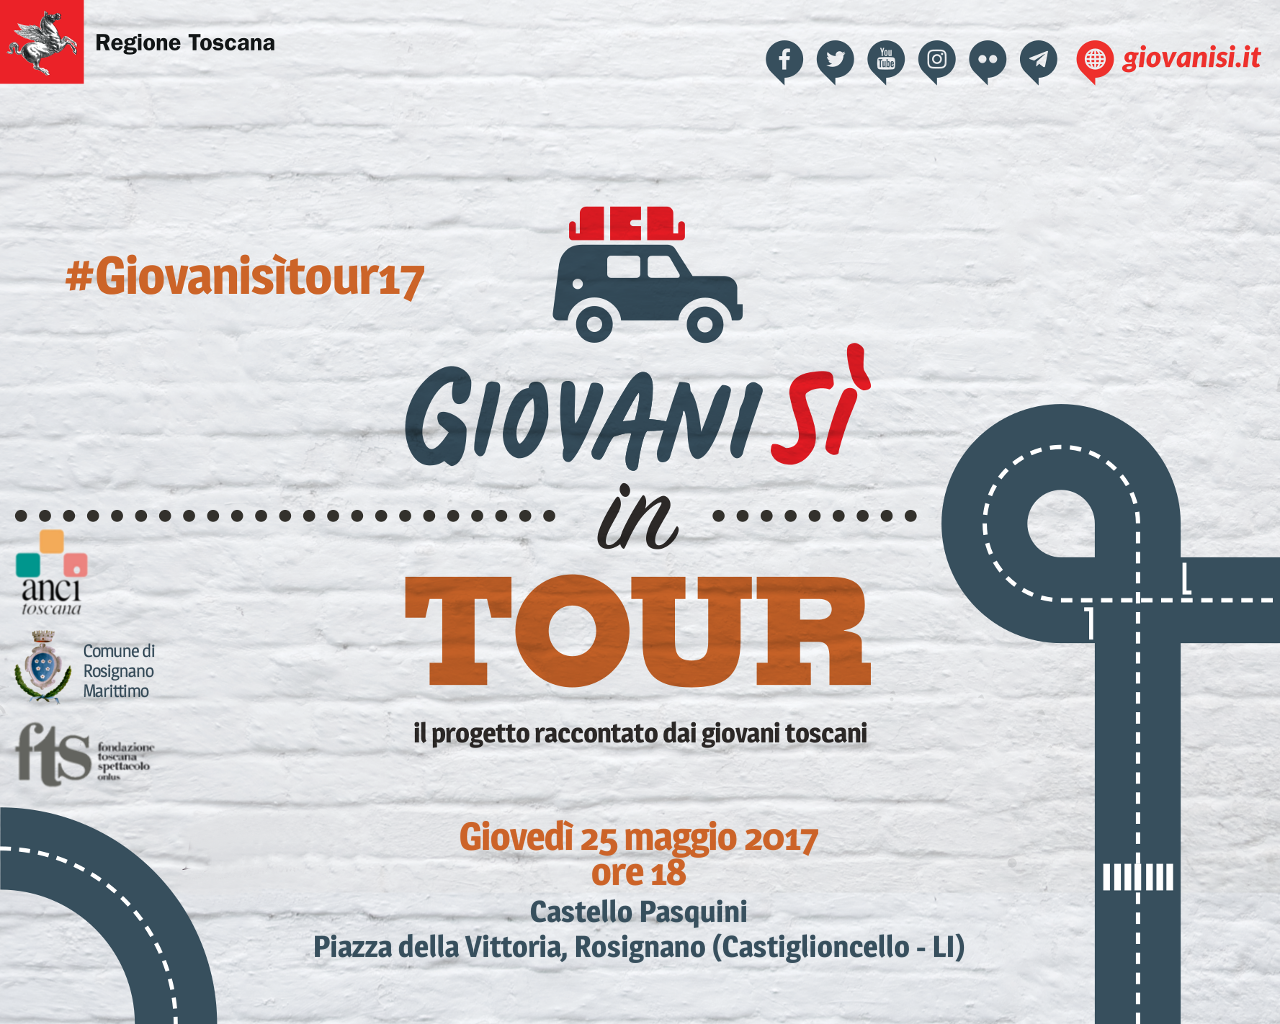 'Giovanisì in tour, il progetto raccontato dai giovani toscani' il 25 maggio a Rosignano (Castiglioncello &#8211; LI) <div class='giovanisi-subtitle'>Con la partecipazione dell&#039;attore comico Lorenzo Baglioni </div>